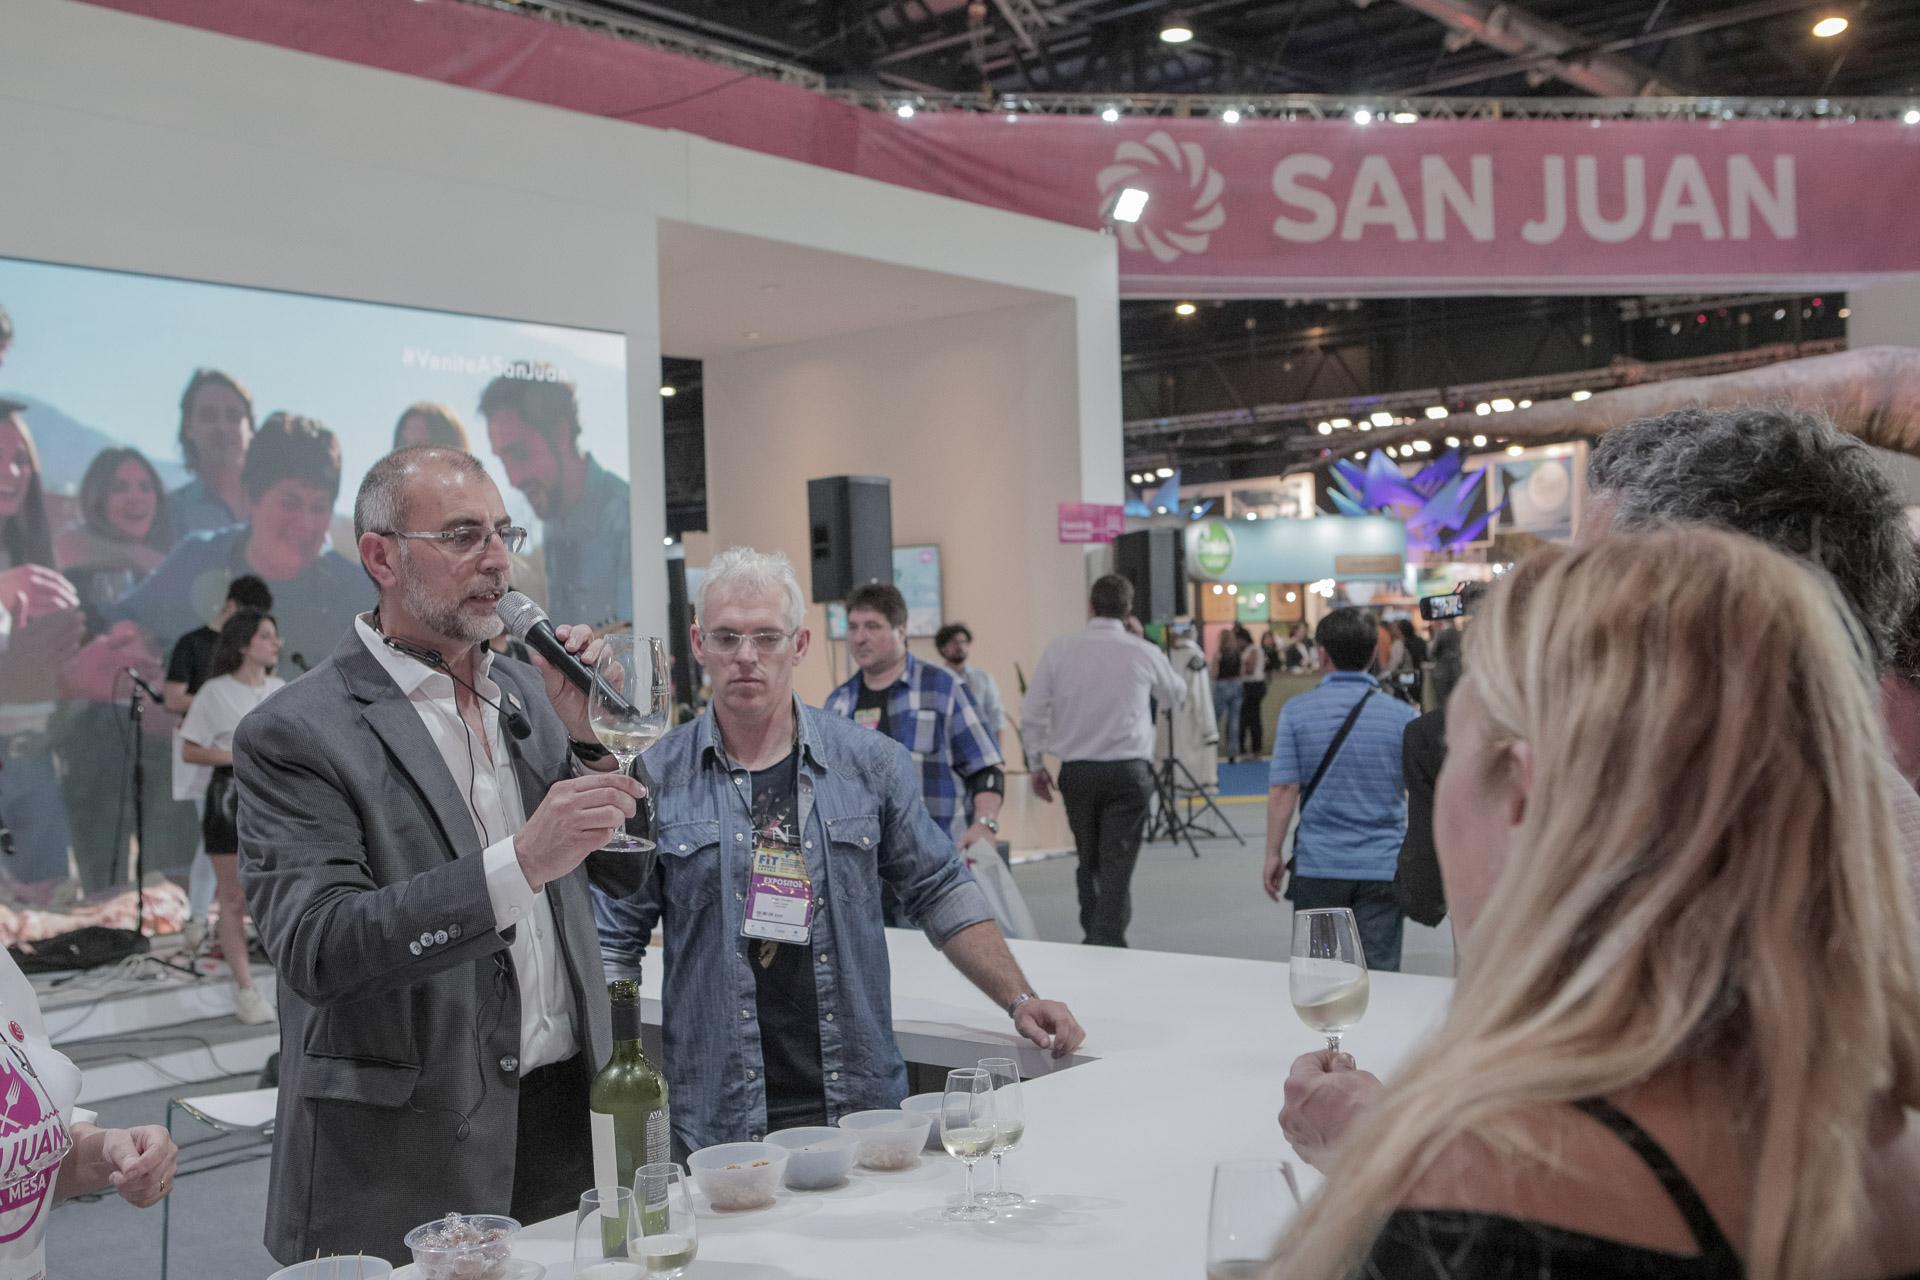 Las degustaciones de vinos cuyanos también estuvieron presentes en los stand de Mendoza, San Juan y La Rioja